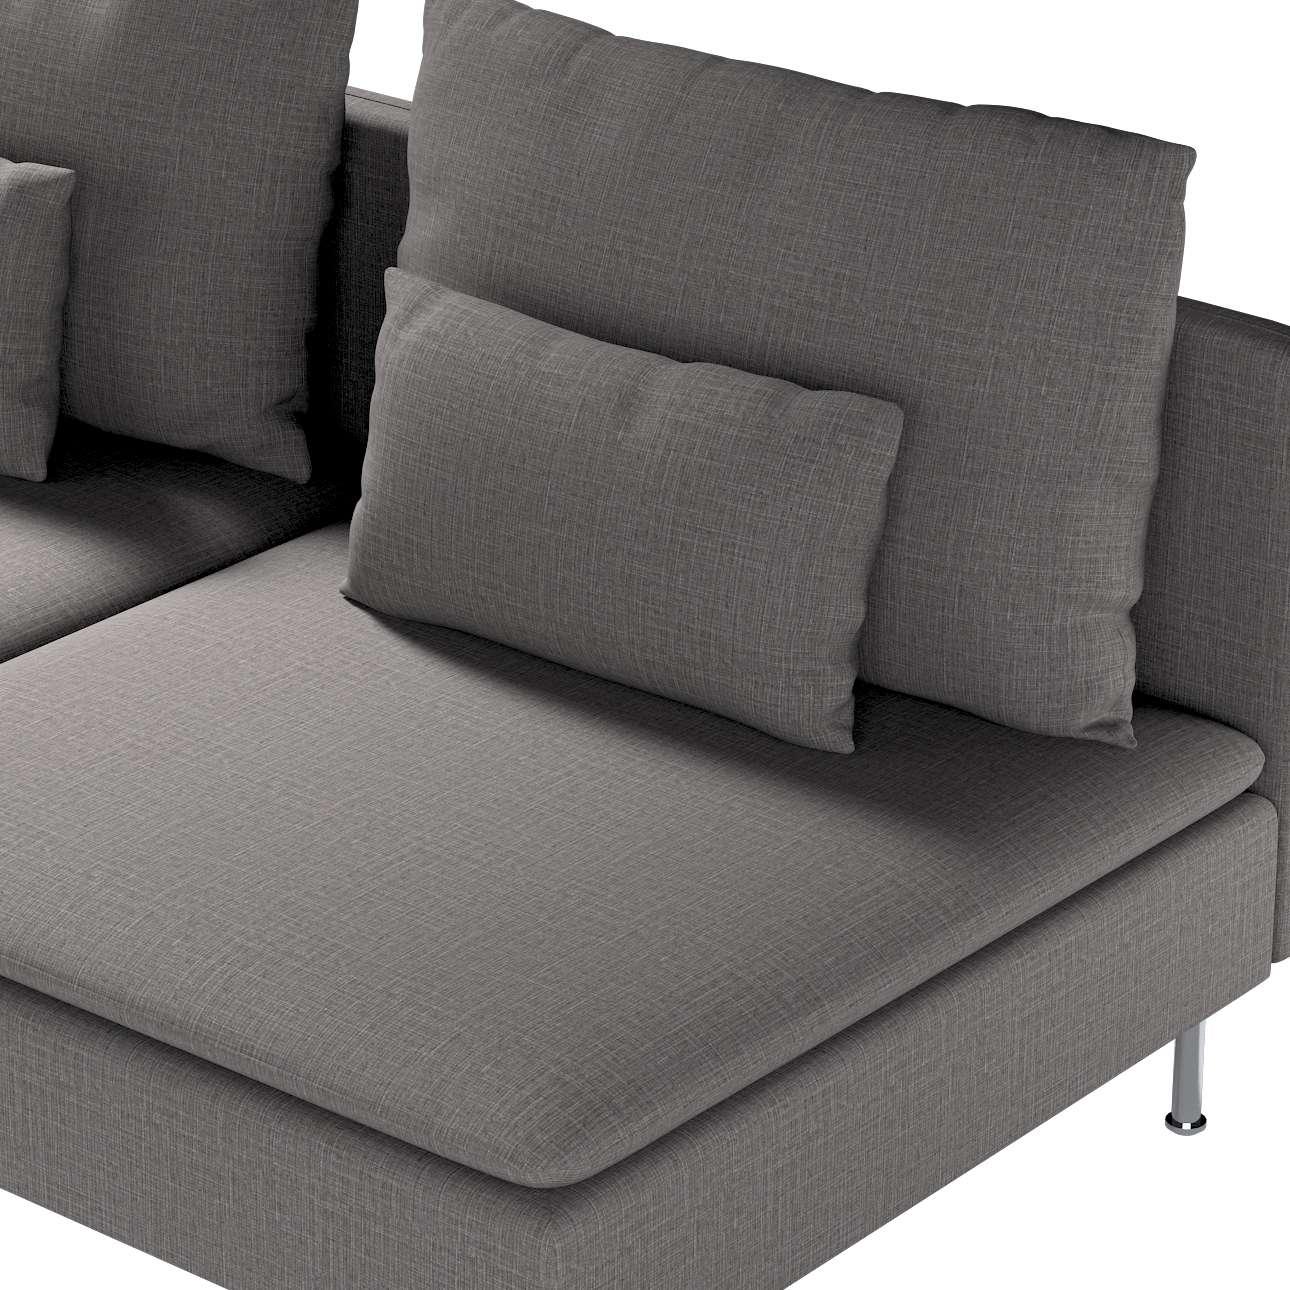 Bezug für Söderhamn Sitzelement 3 von der Kollektion Living II, Stoff: 161-16